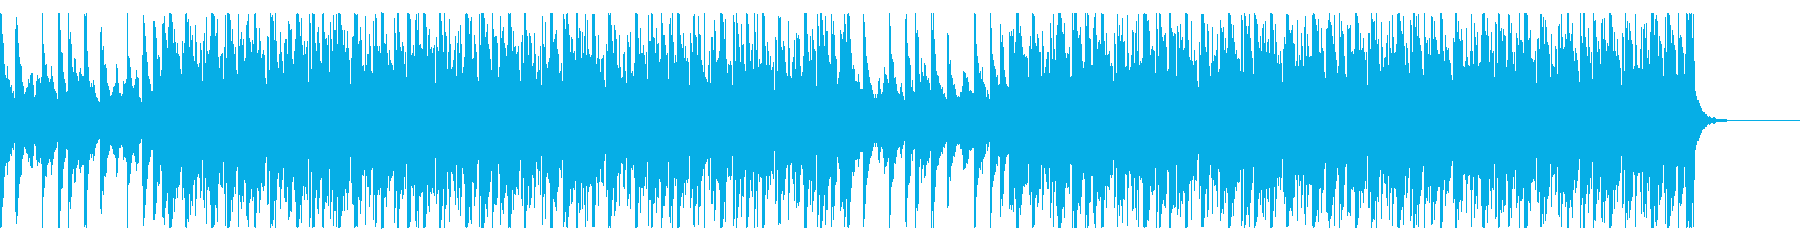 都会的で疾走感のあるドラムンベースの再生済みの波形